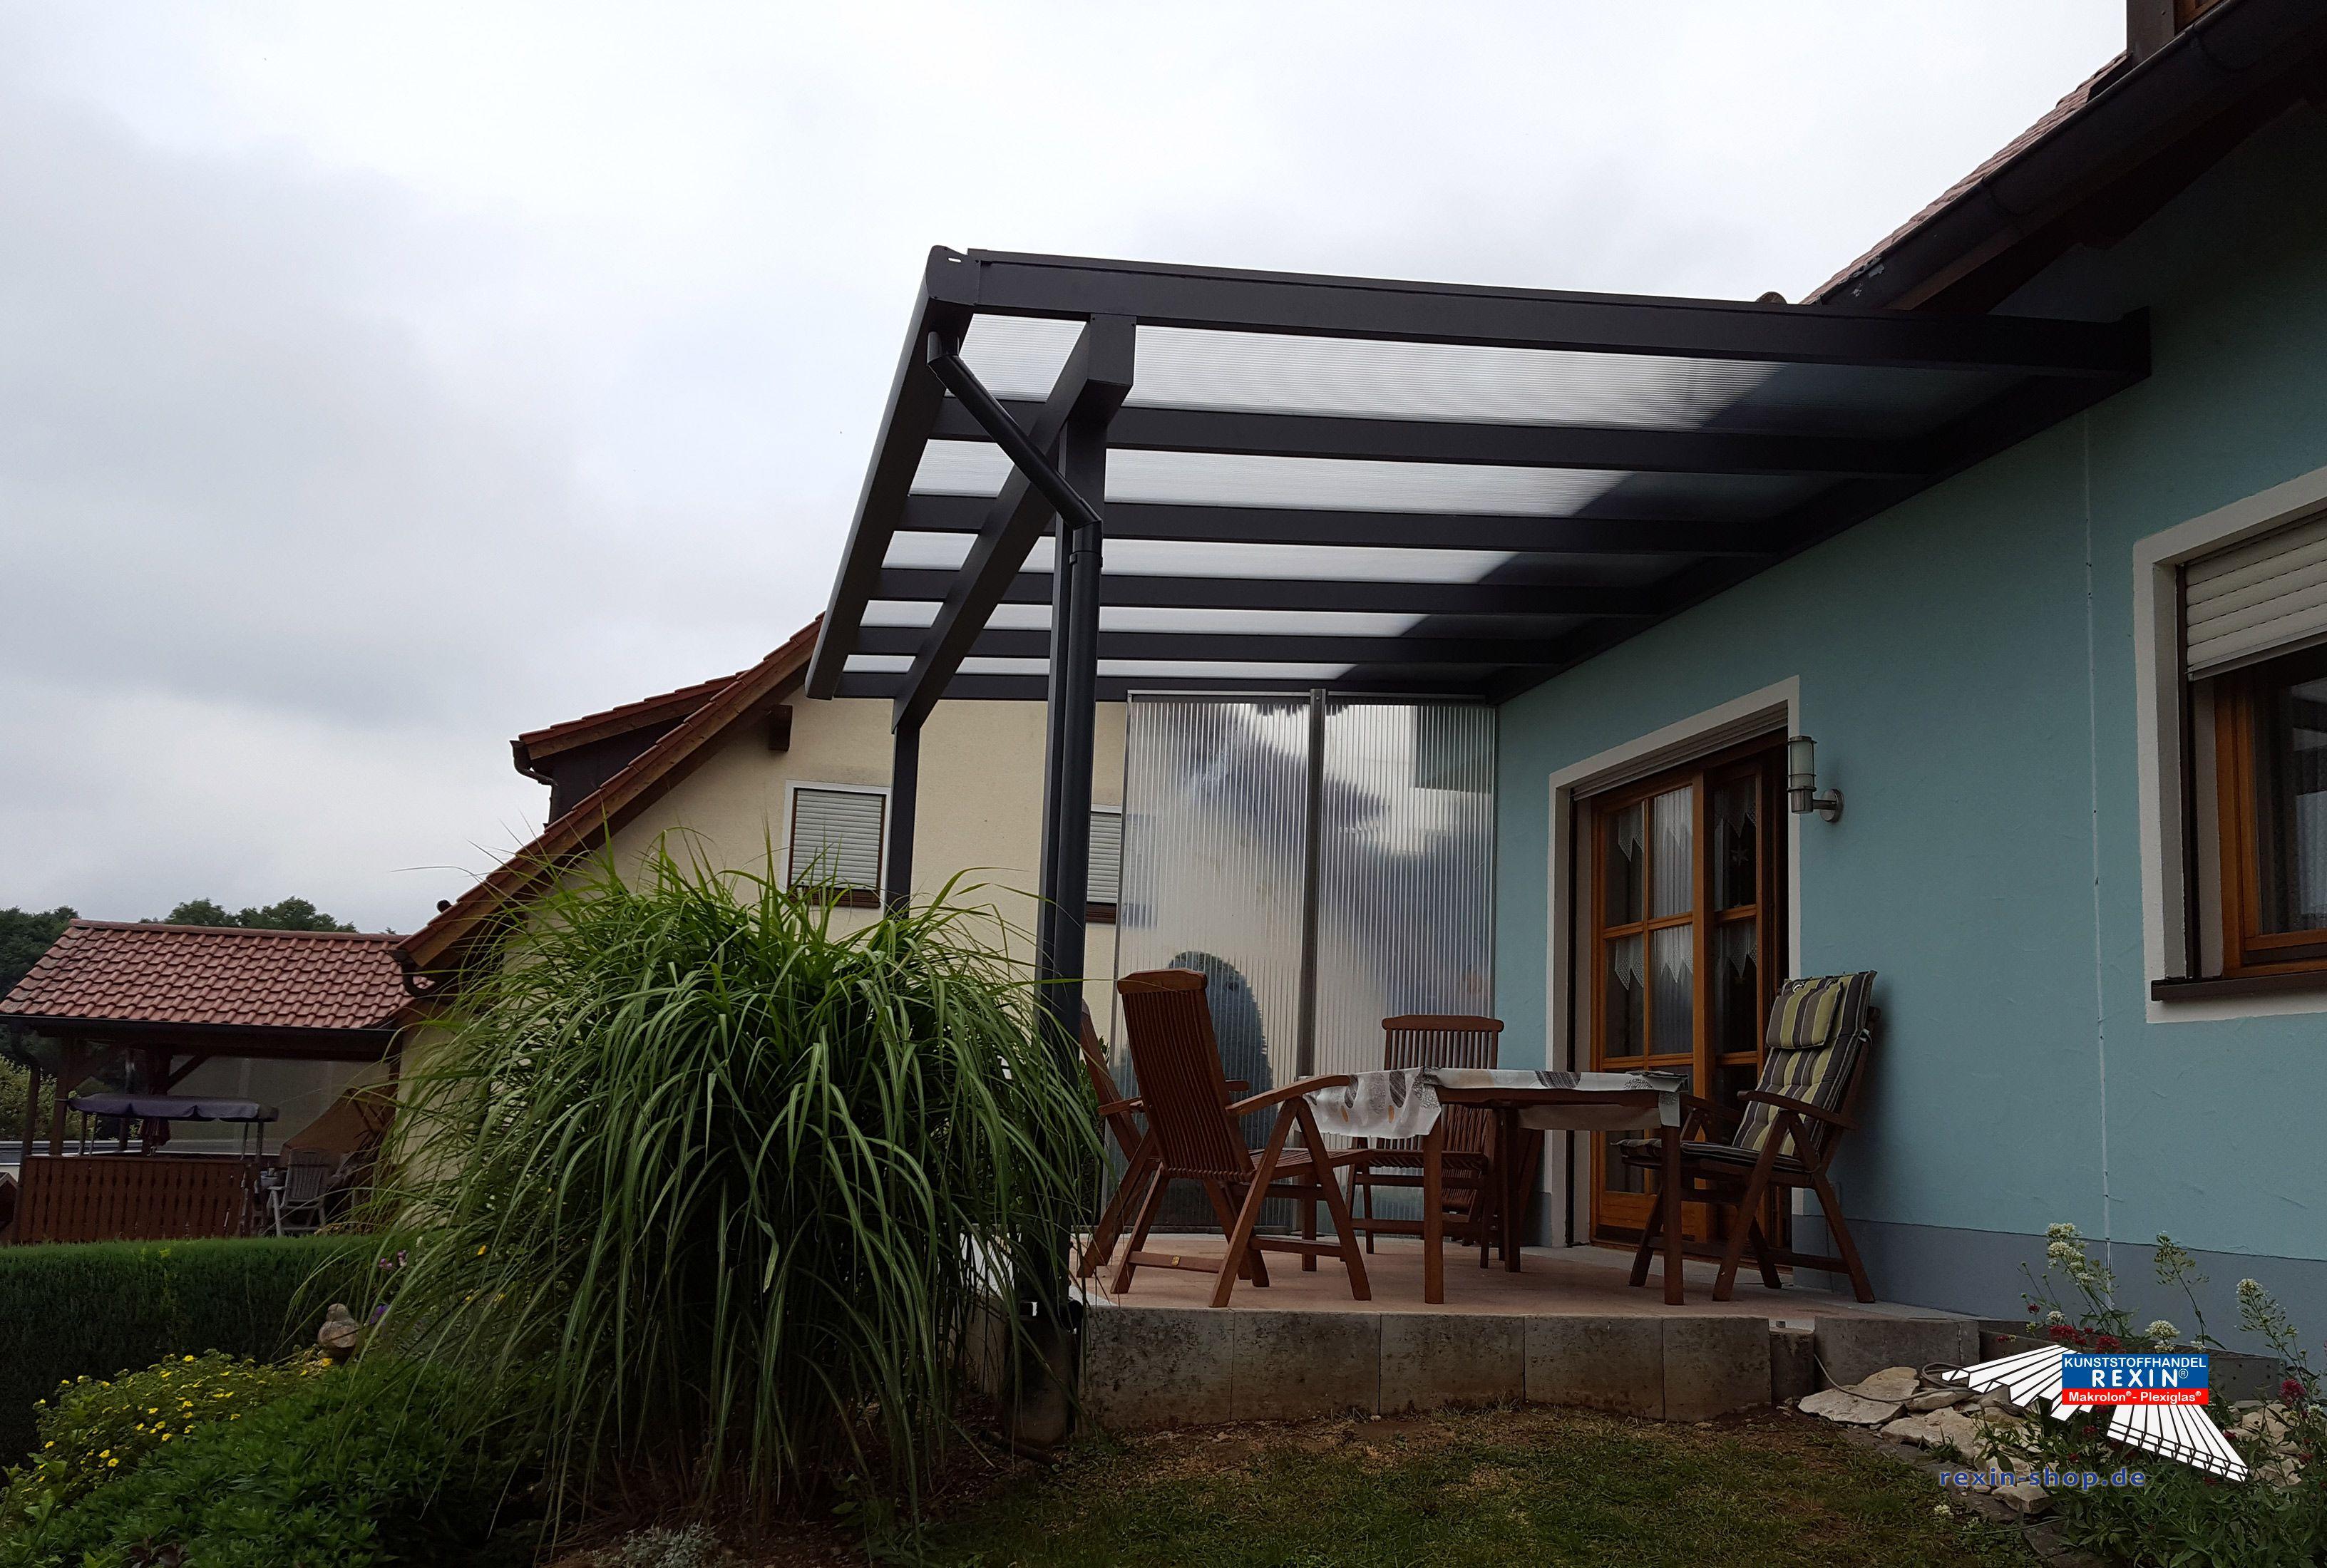 ff9b66615b96af91ff45c761bba97c79 Inspiration Sichtschutz Balkon Einseitig Durchsichtig Schema